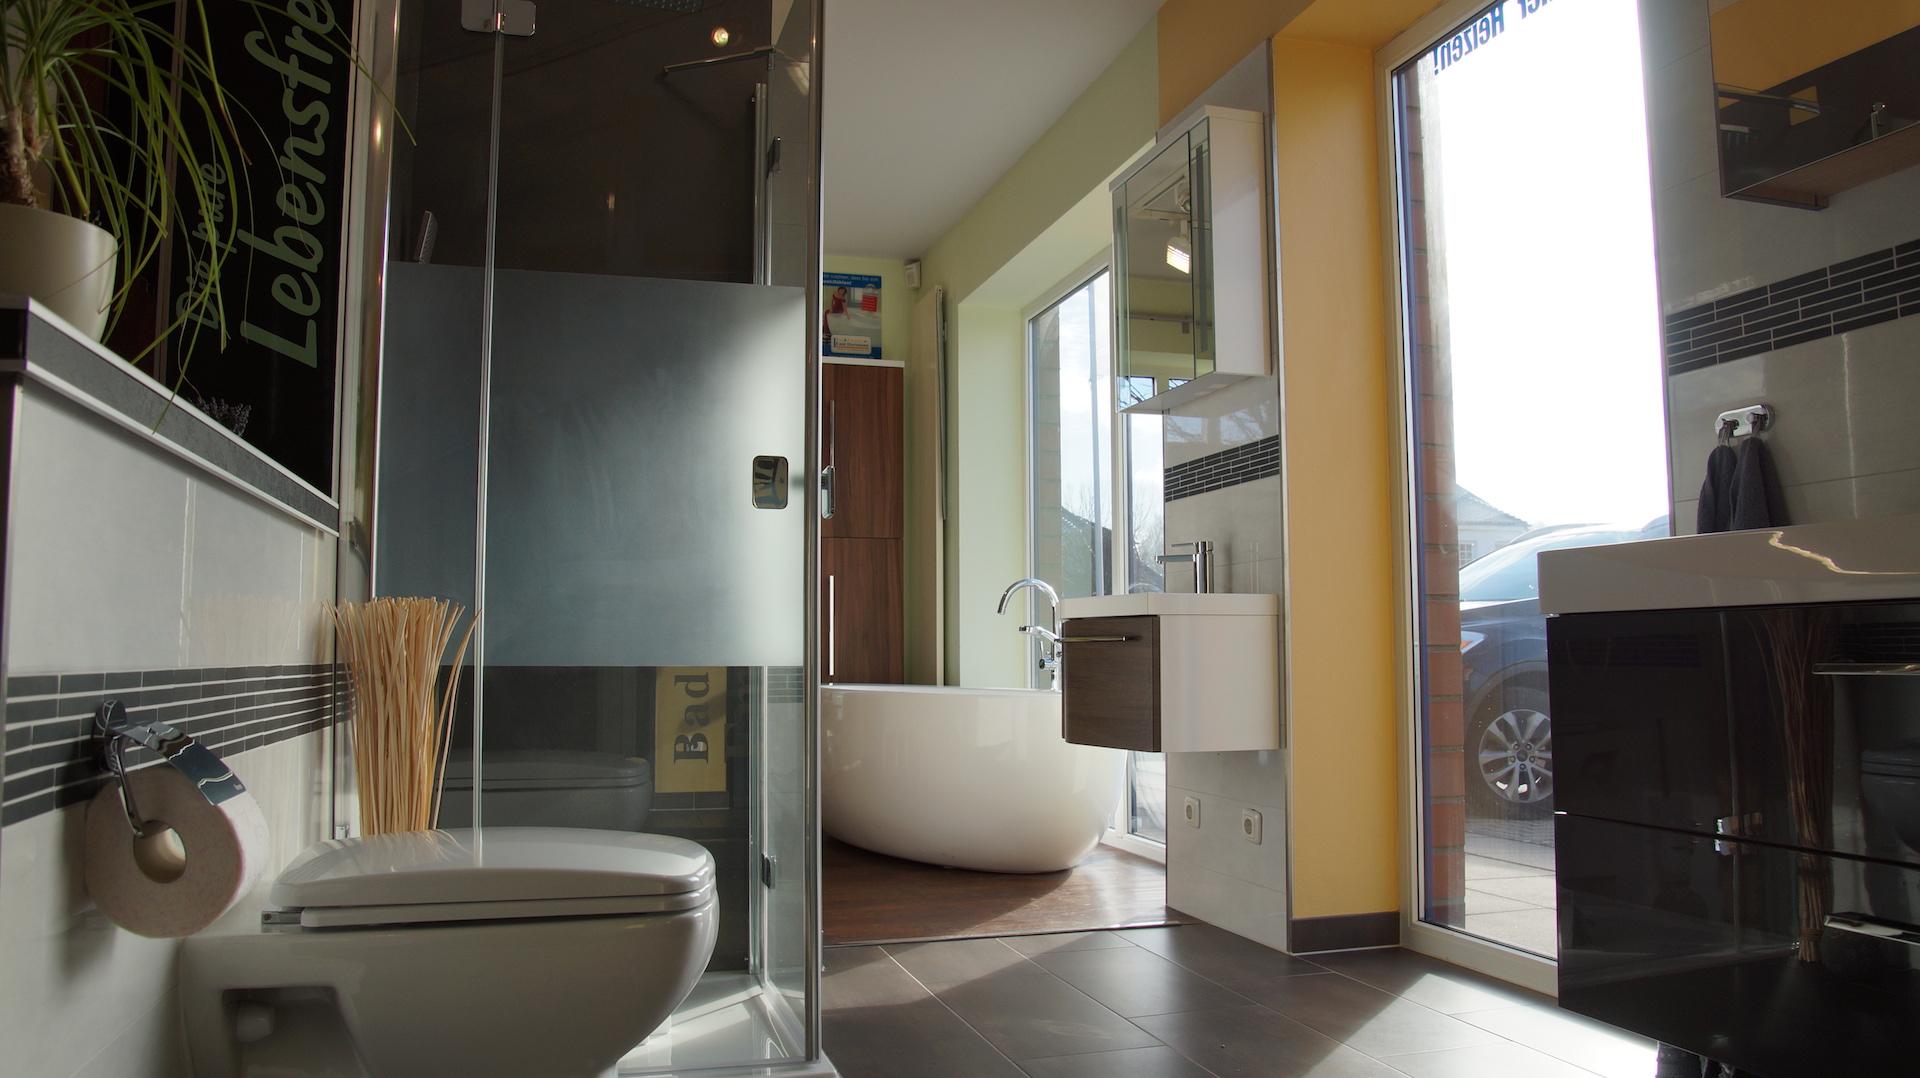 ber uns emil hartmann l beck emil hartmann bad energie. Black Bedroom Furniture Sets. Home Design Ideas